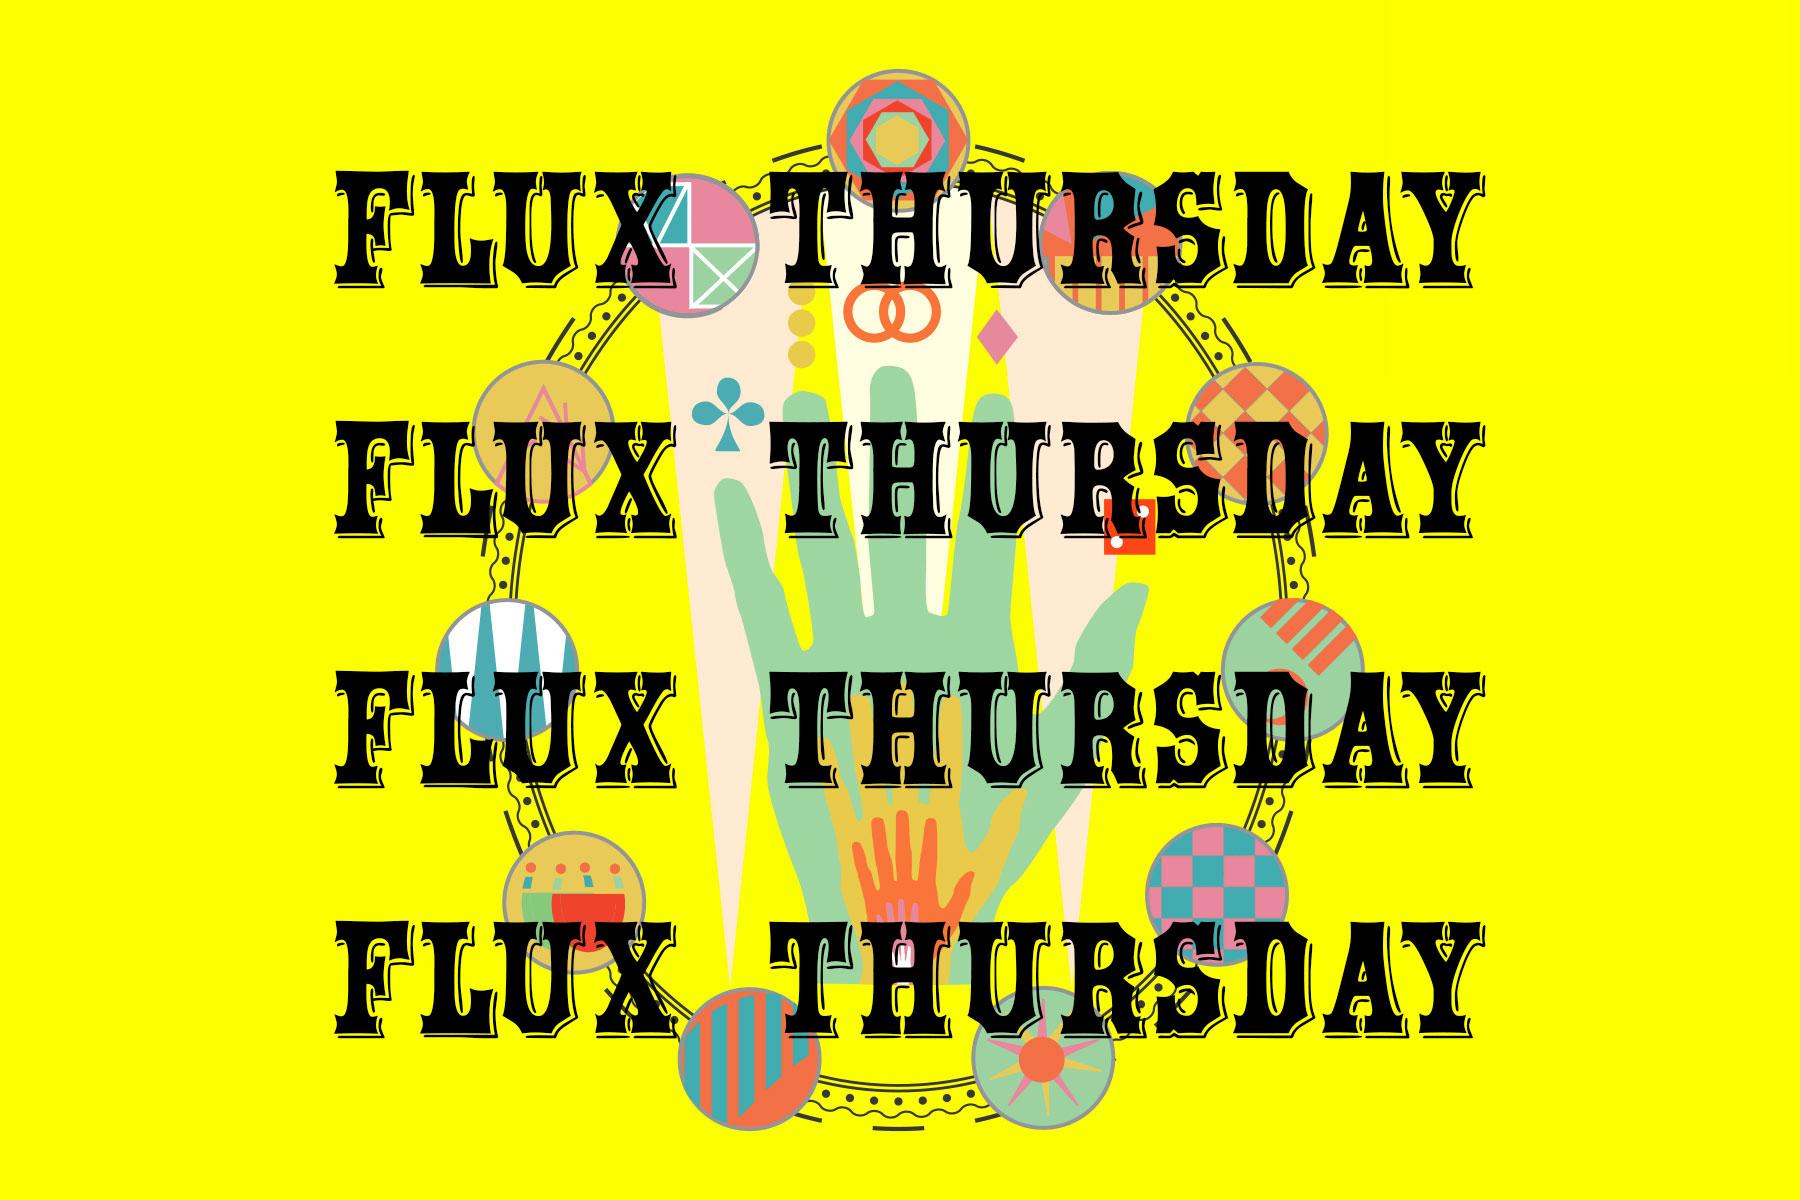 October Flux Thursday